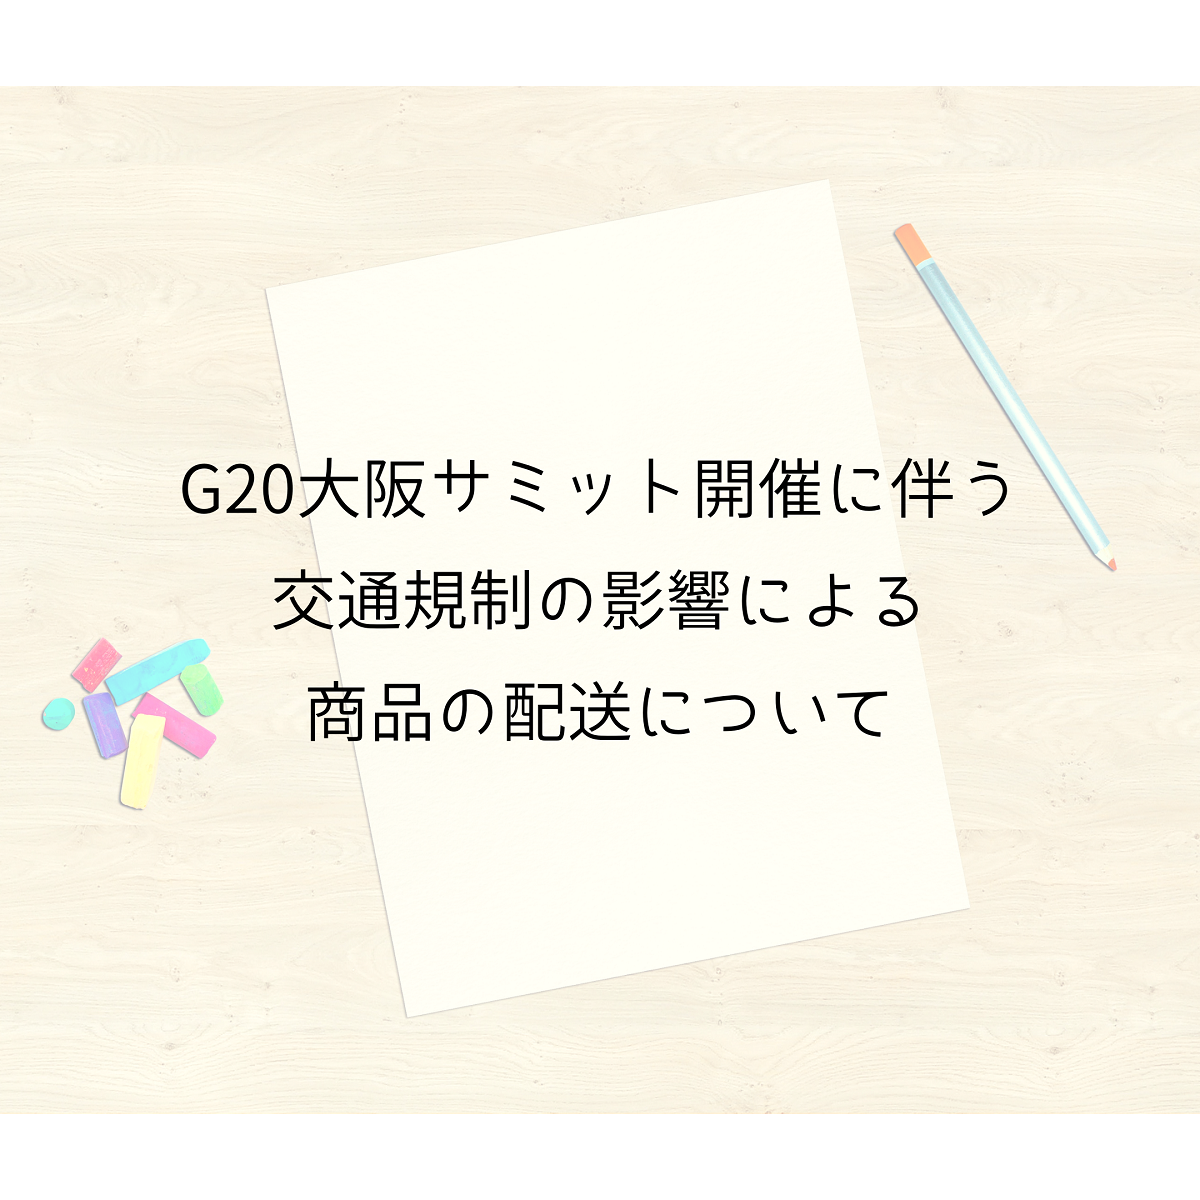 【重要】G20大阪サミット開催に伴う交通規制の影響による商品の配送に関するお知らせ。